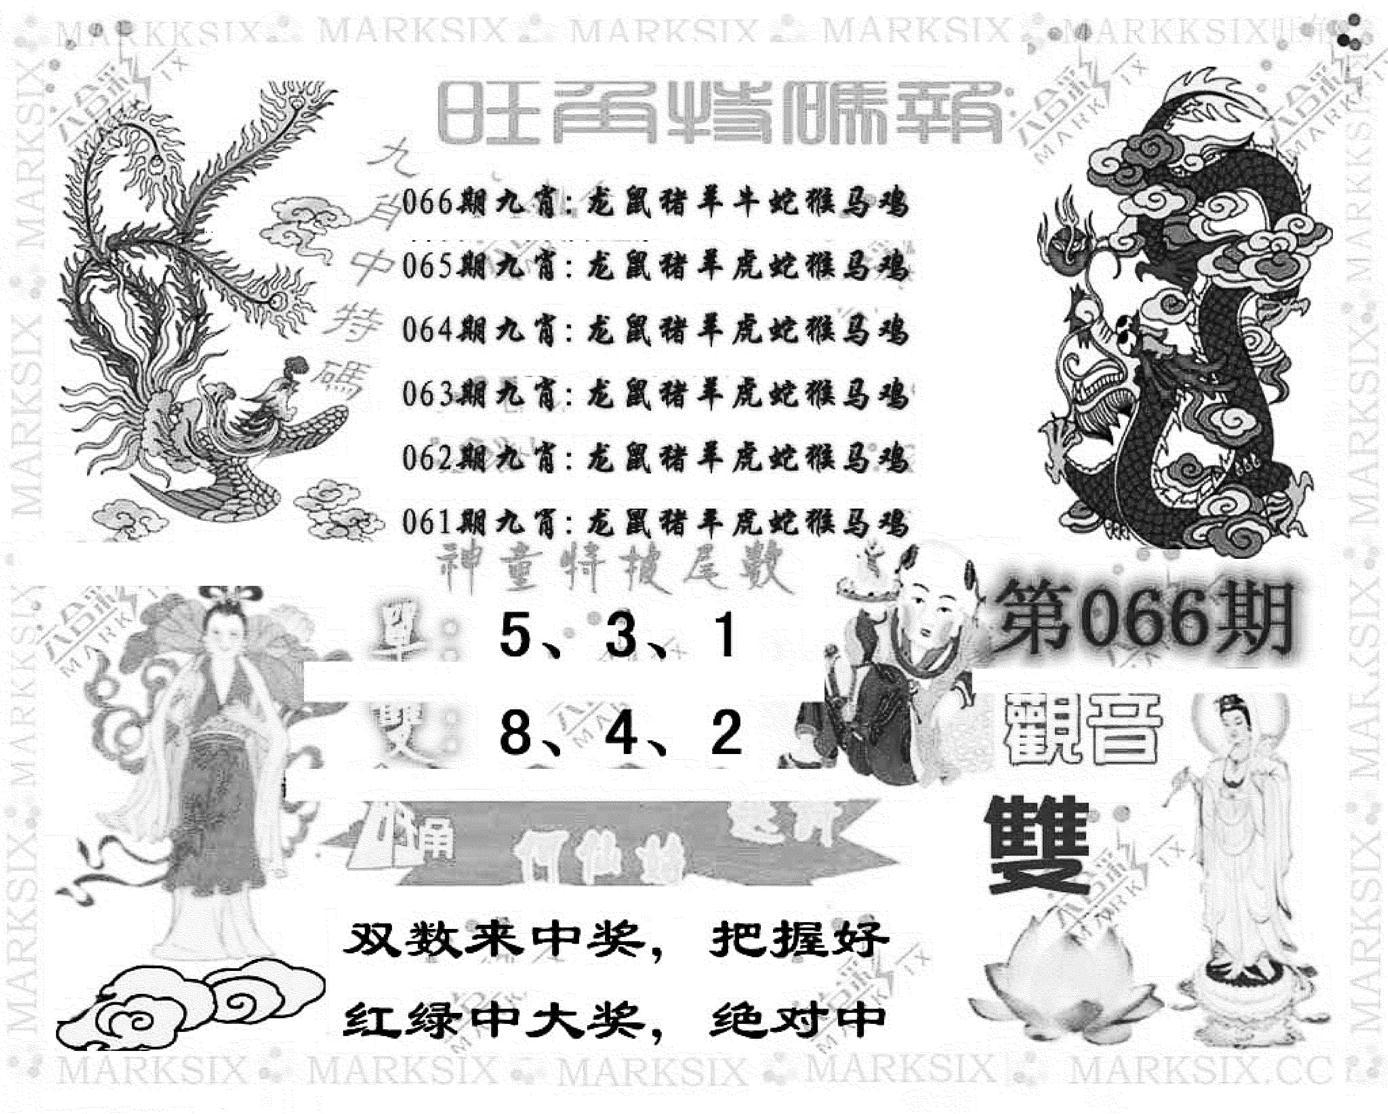 066期旺角特码报(彩)(黑白)